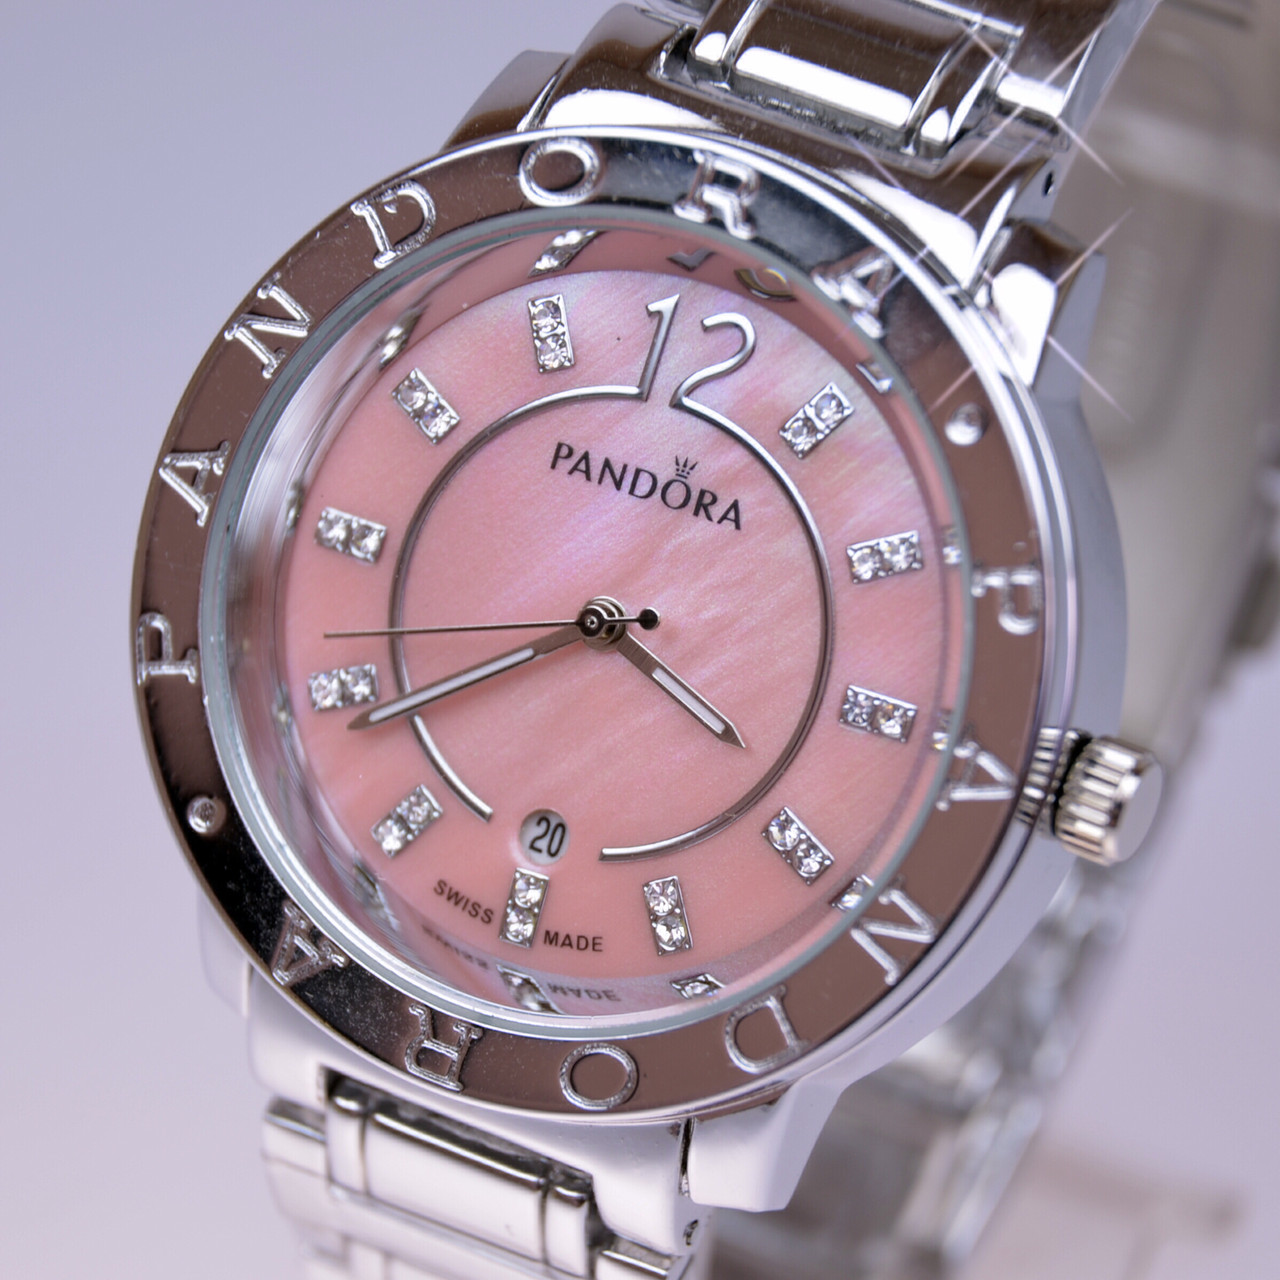 3935f0a47c5a Женские наручные часы PANDORA (Пандора) С10 Silver перламутр Pink -  интернет- магазин